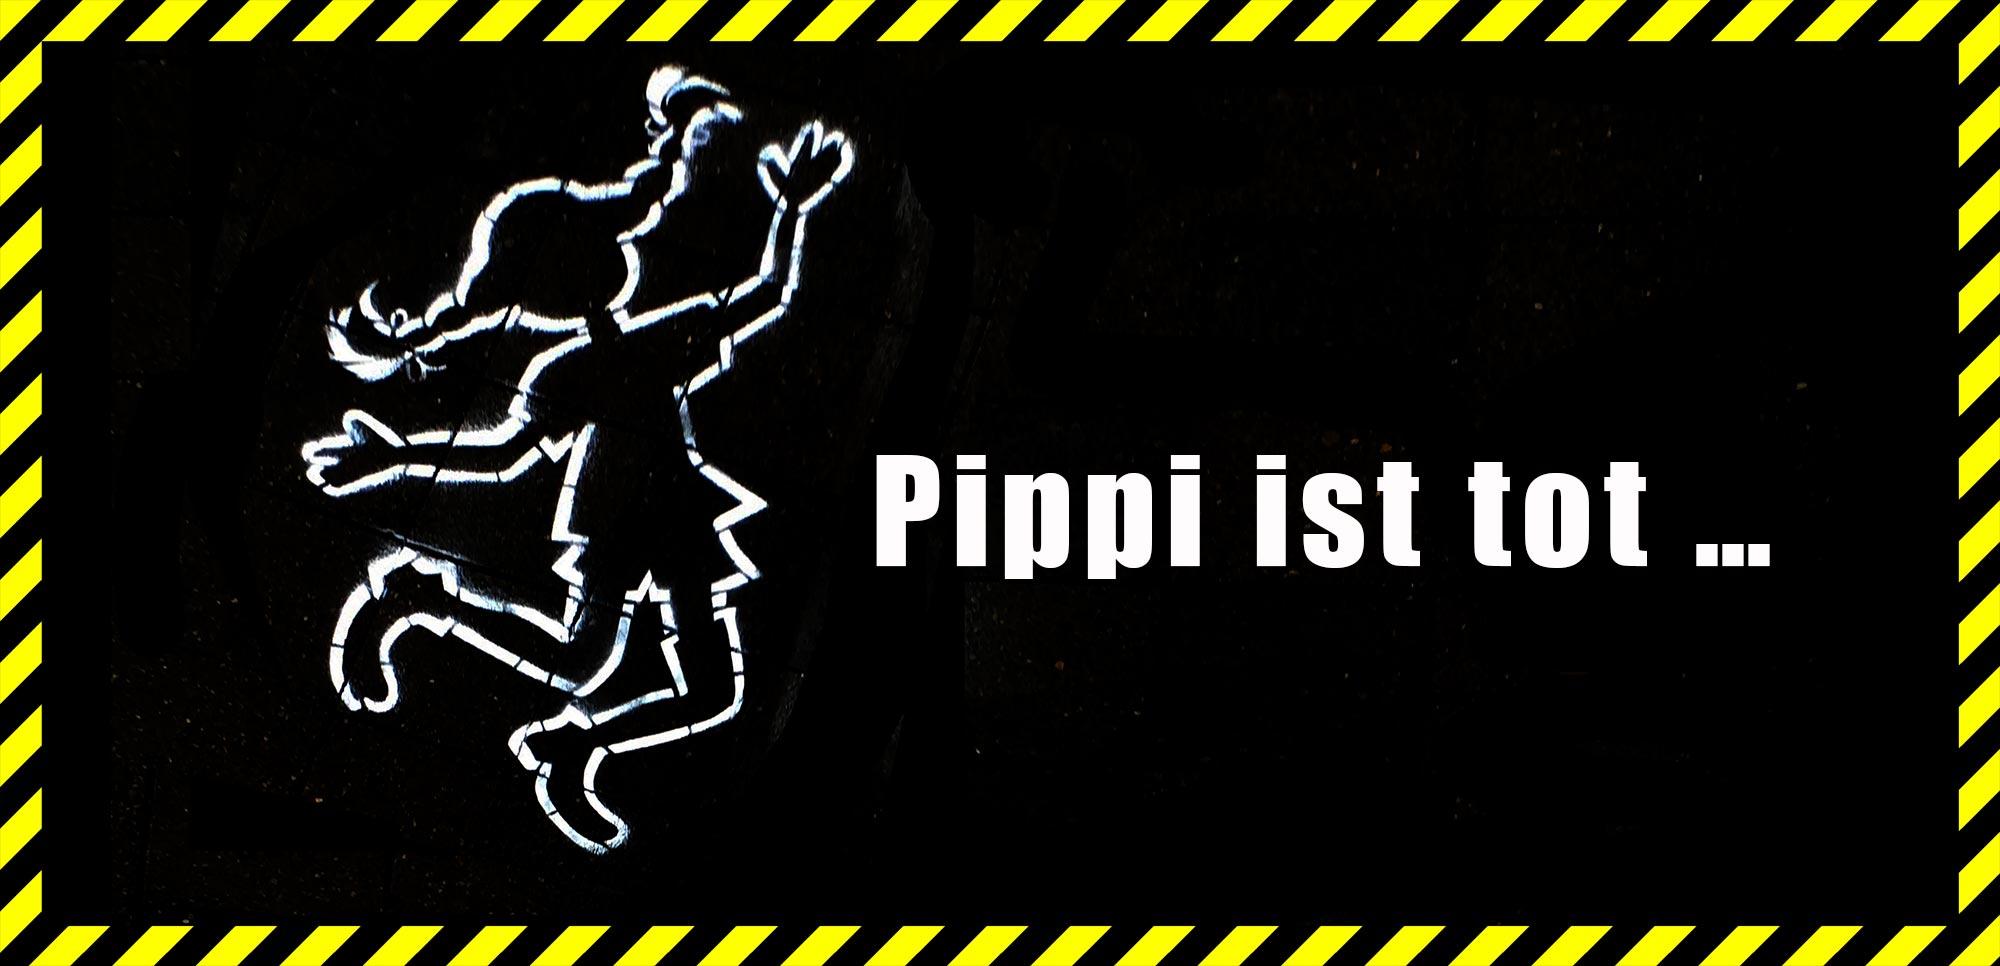 Pippi Langstrumpf ist tot. Oder wird es zumindest sein, wenn wir ihr nicht helfen. Wie es wäre, wenn Pippi tatsächlich wäre, zeigt die gemeinnützige Organisation Librileo in Berlin. Mehr im Blog …